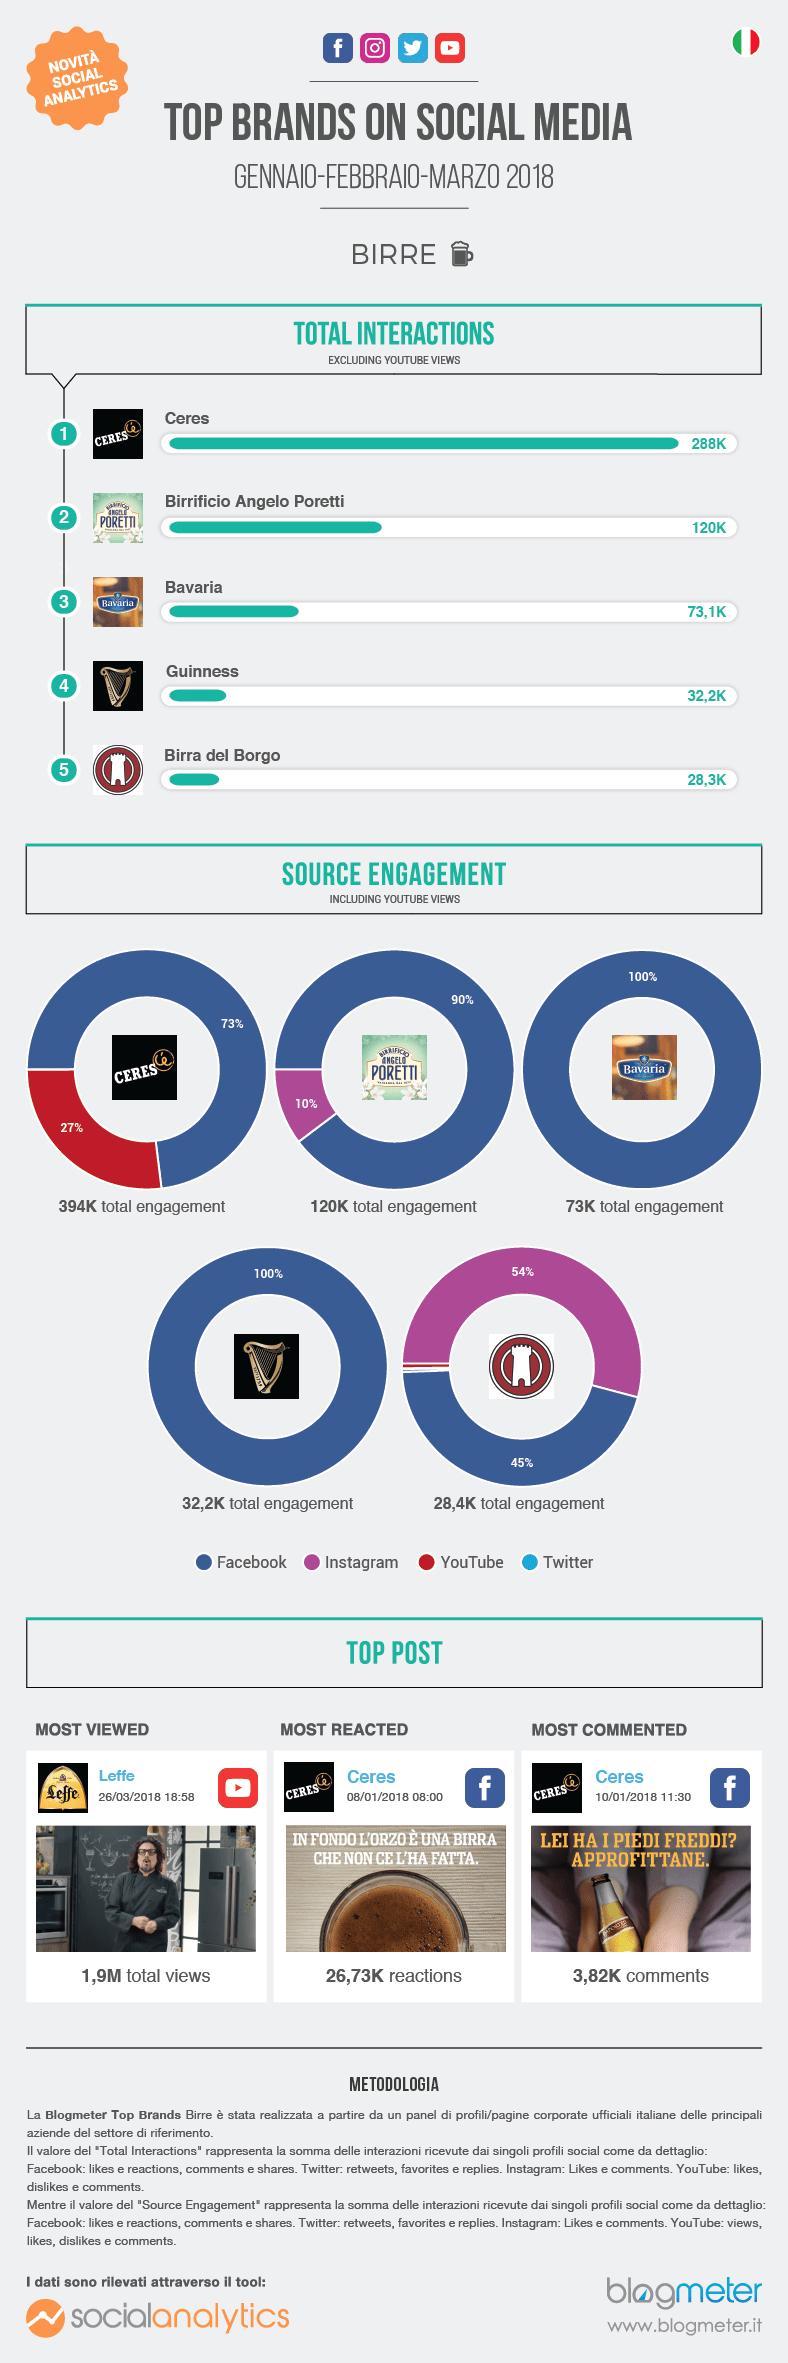 Top Brands-Birre